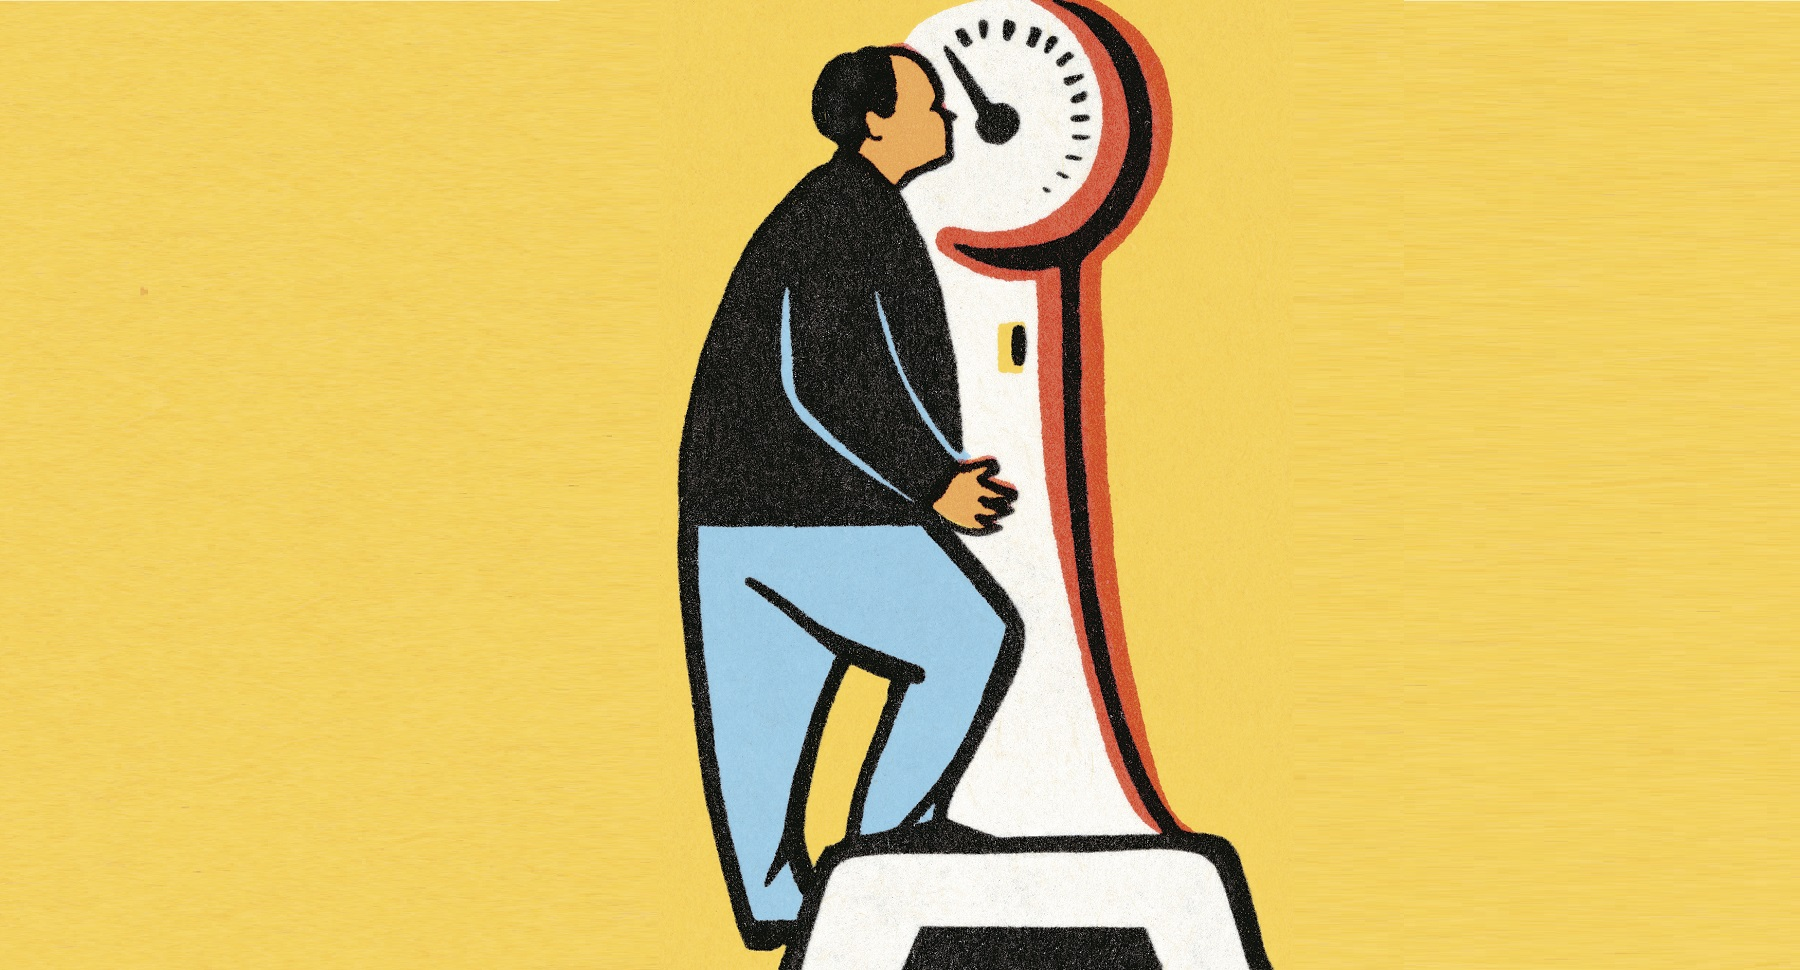 「ダイエットをしたことがない」男性は5割強、人気のダイエット方法に「筋トレ」増加